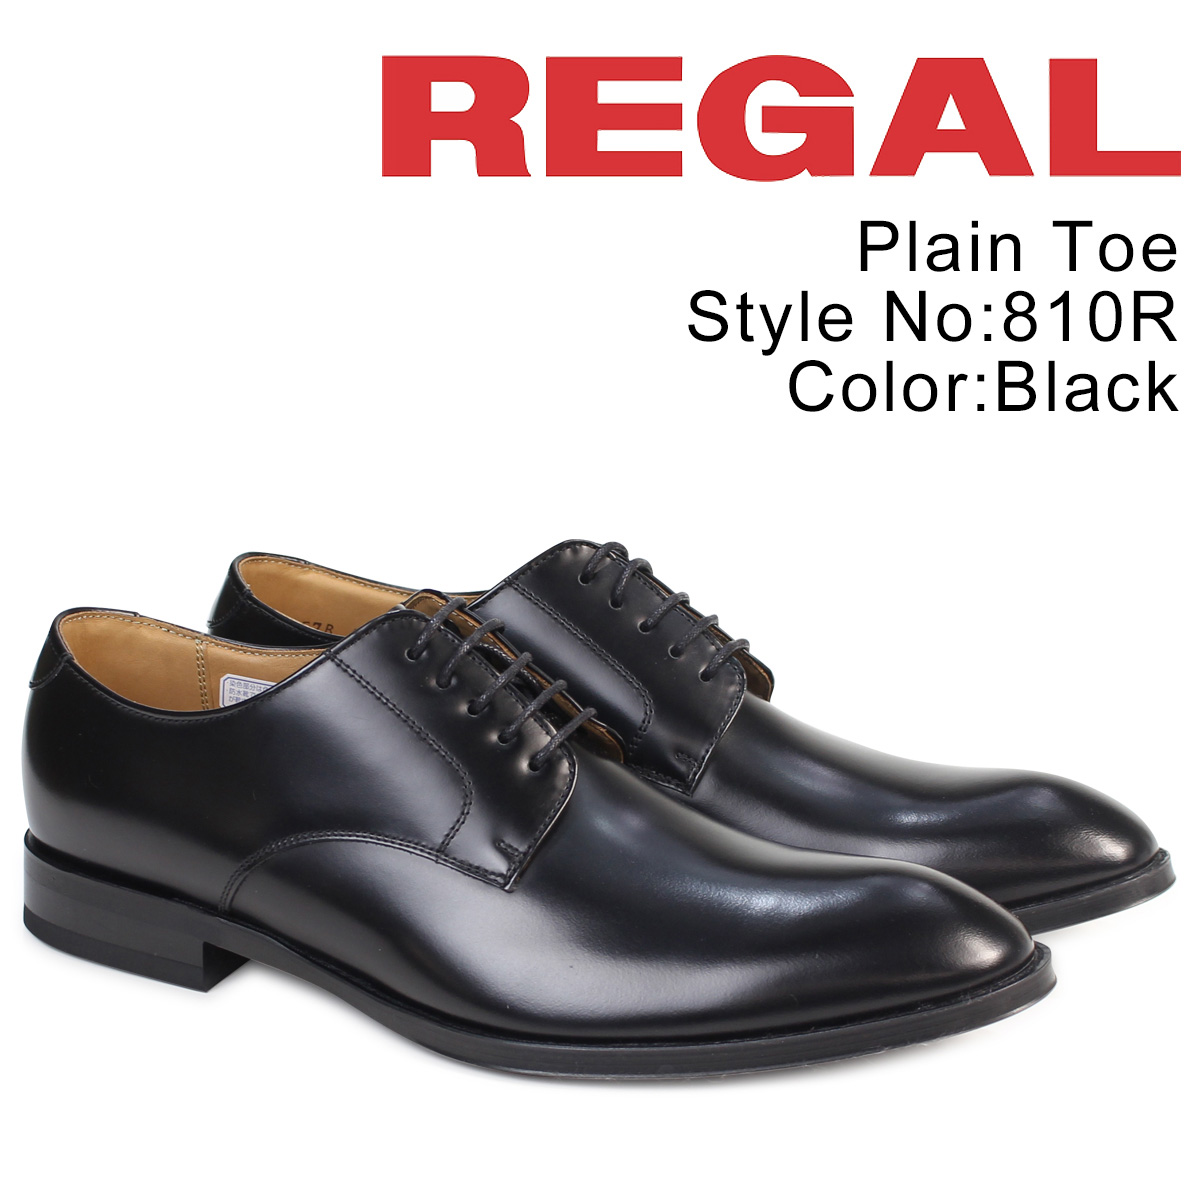 【最大2000円OFFクーポン】 リーガル REGAL 靴 メンズ プレーントゥ 810RAL ビジネスシューズ 日本製 ブラック